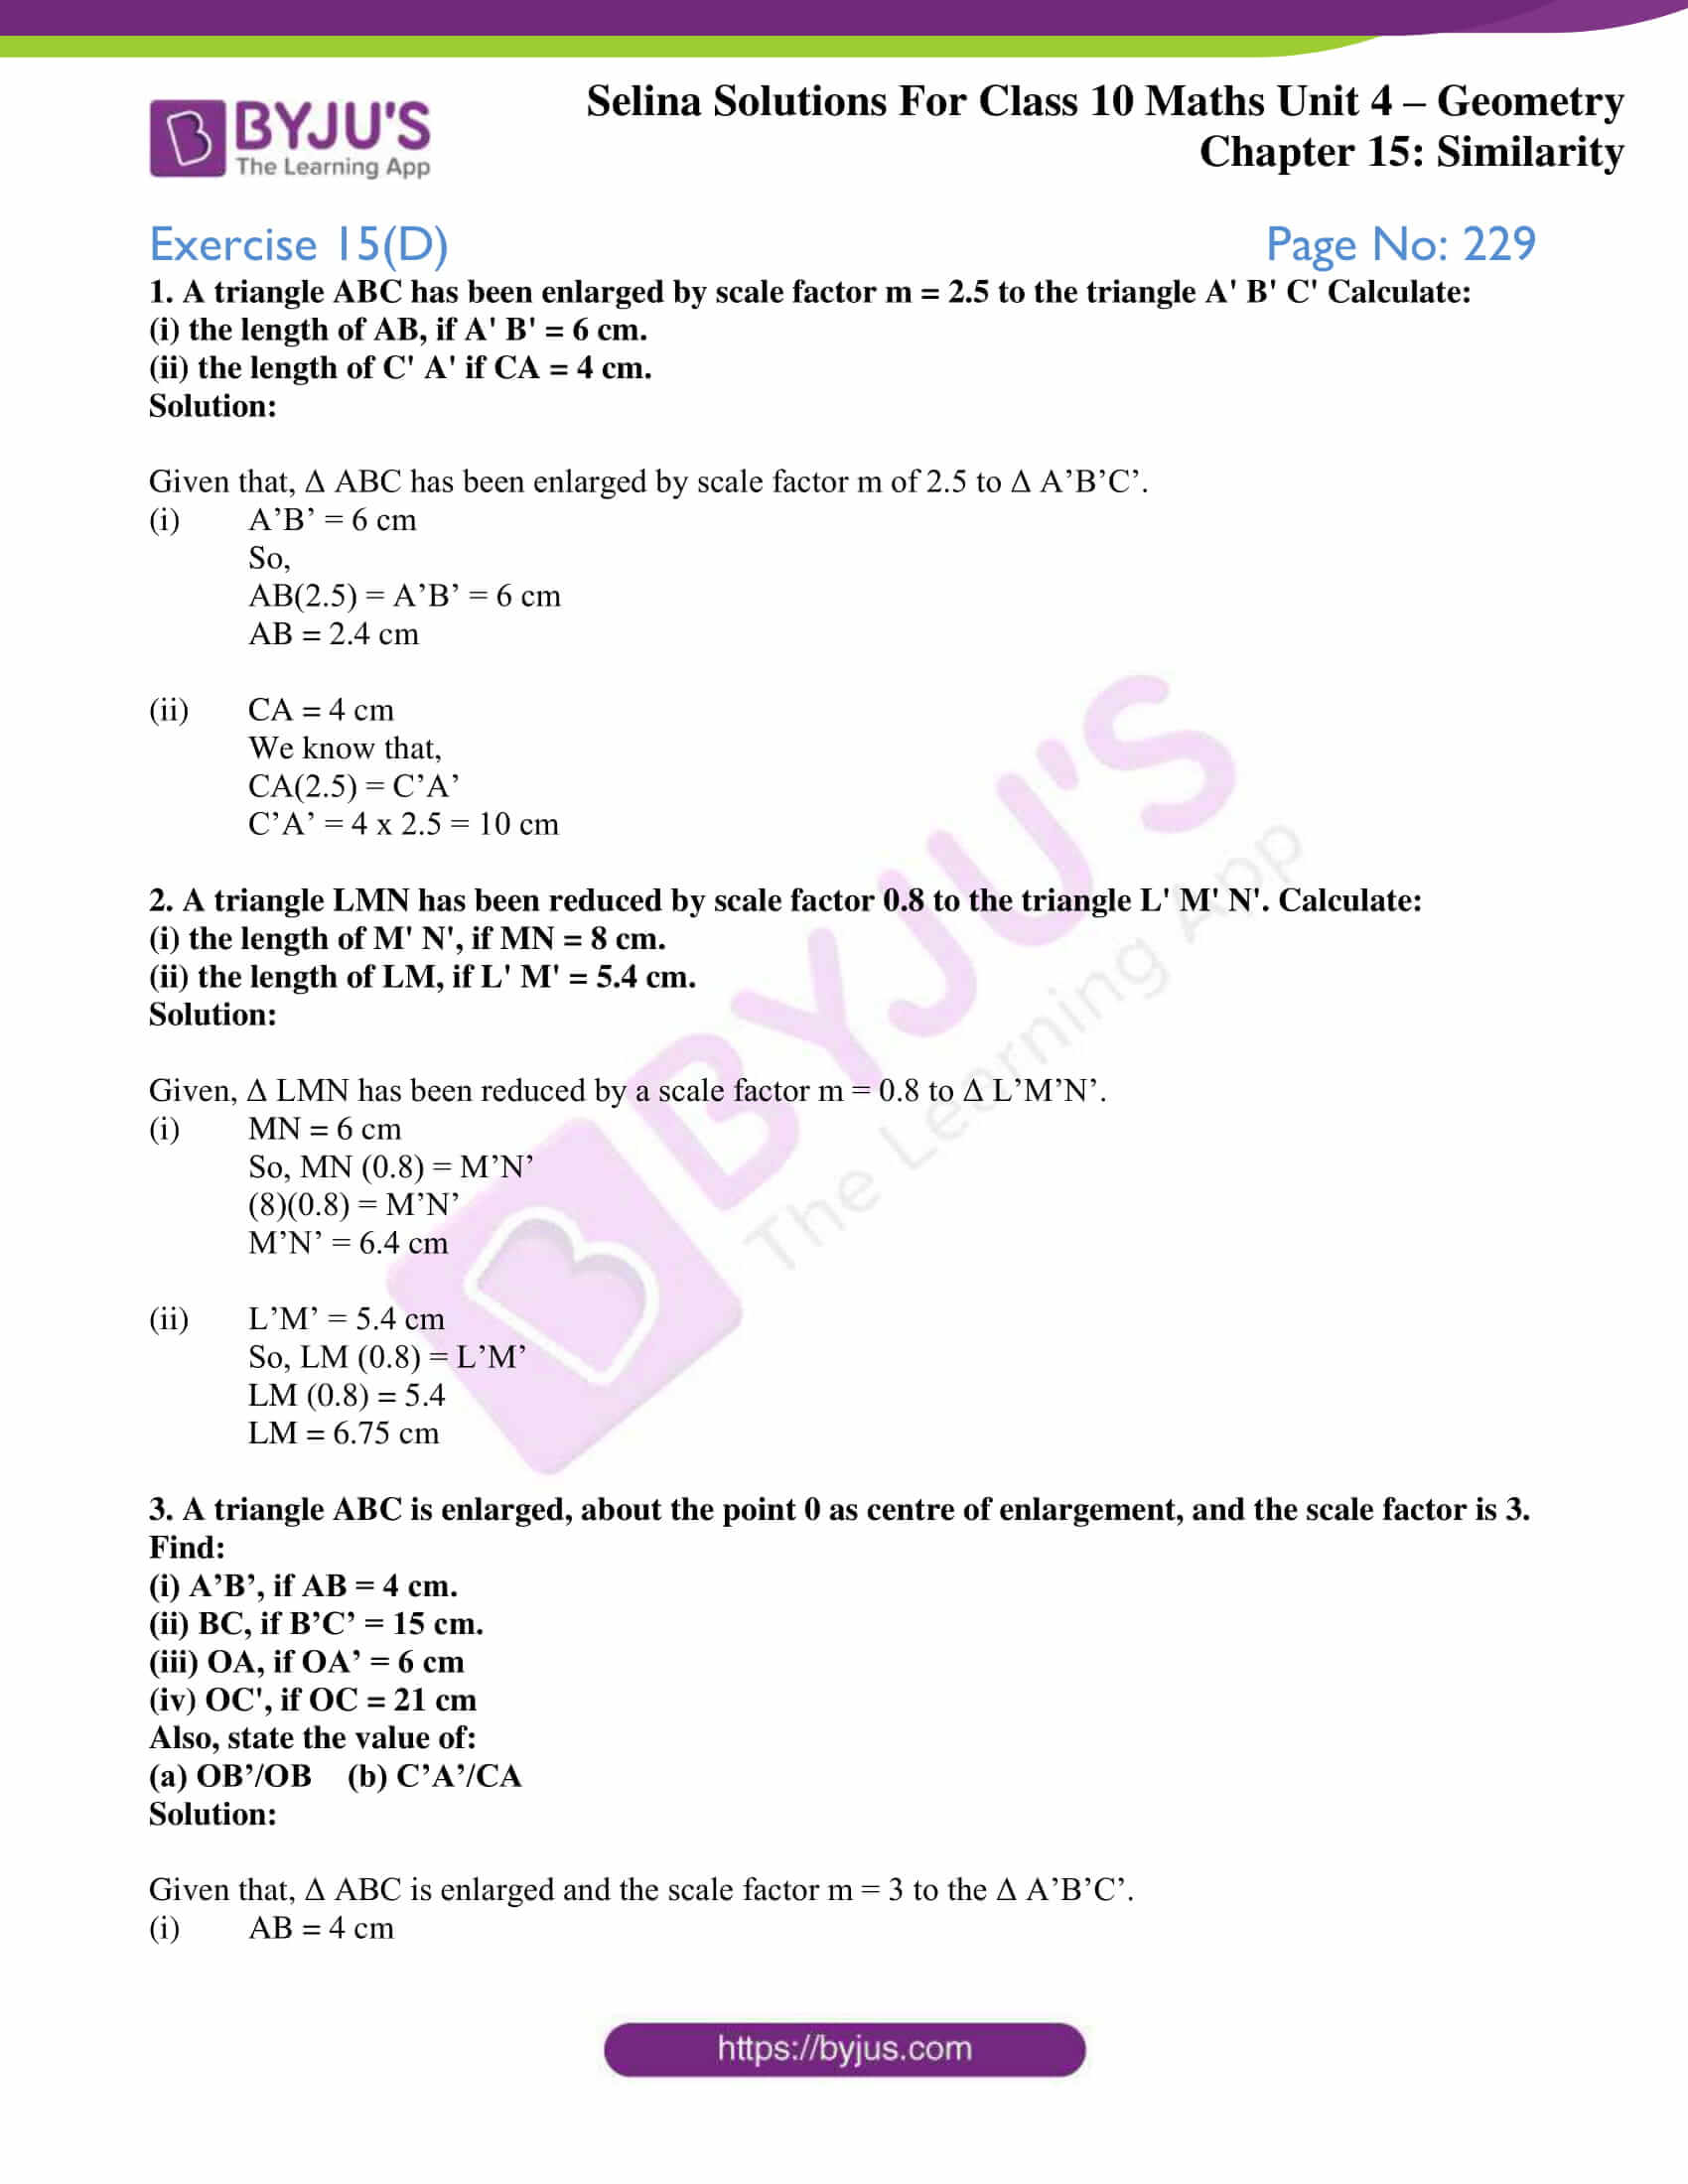 selina-sol-maths-class-10-ch-15-ex-d-1